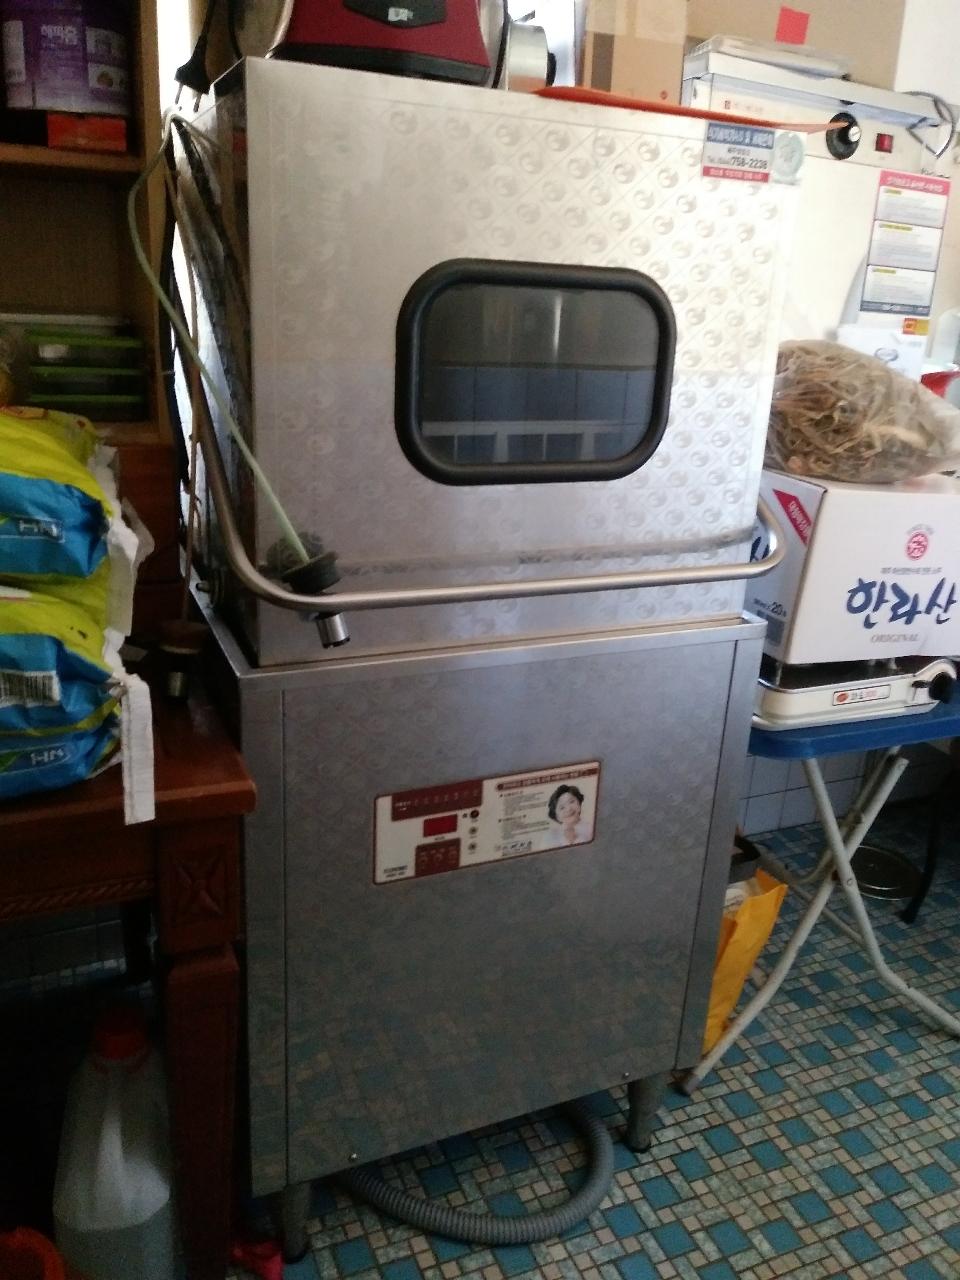 세척기반찬냉장고50 만윈세척기50만윈필요한주방용품서비스합니다